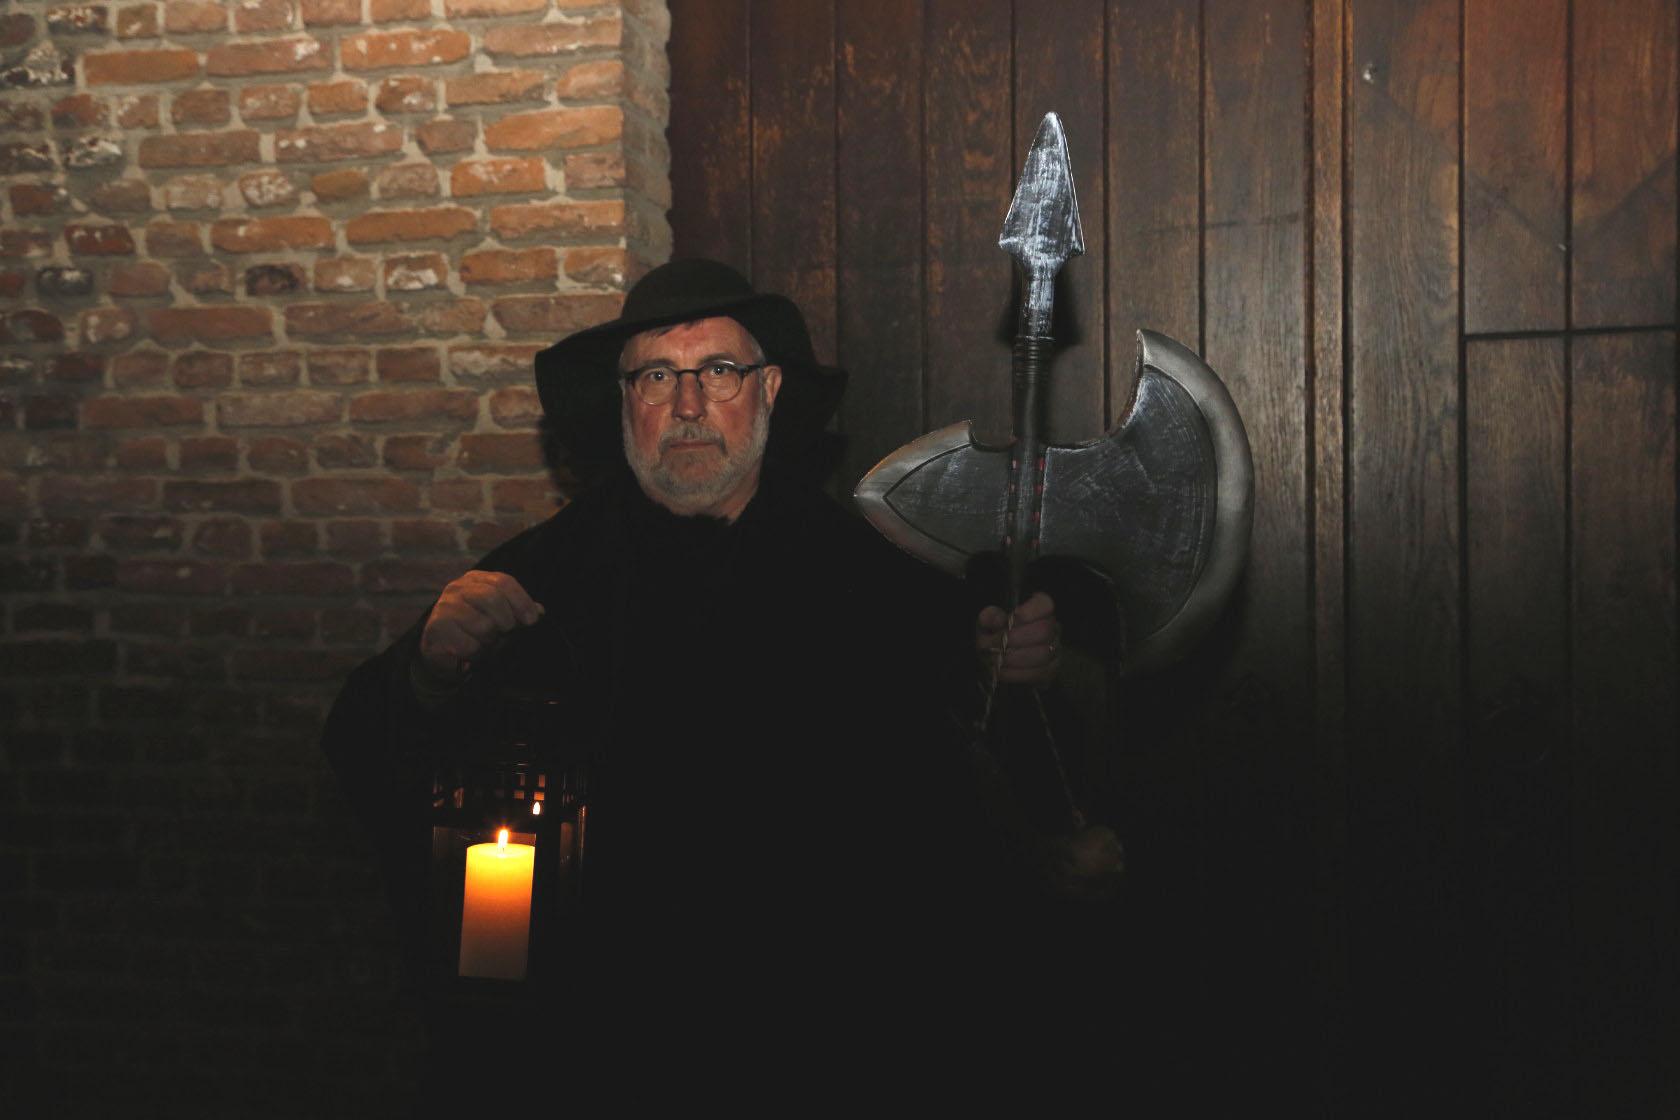 De nachtwacht van Gent – Een avondrondgang in 1457